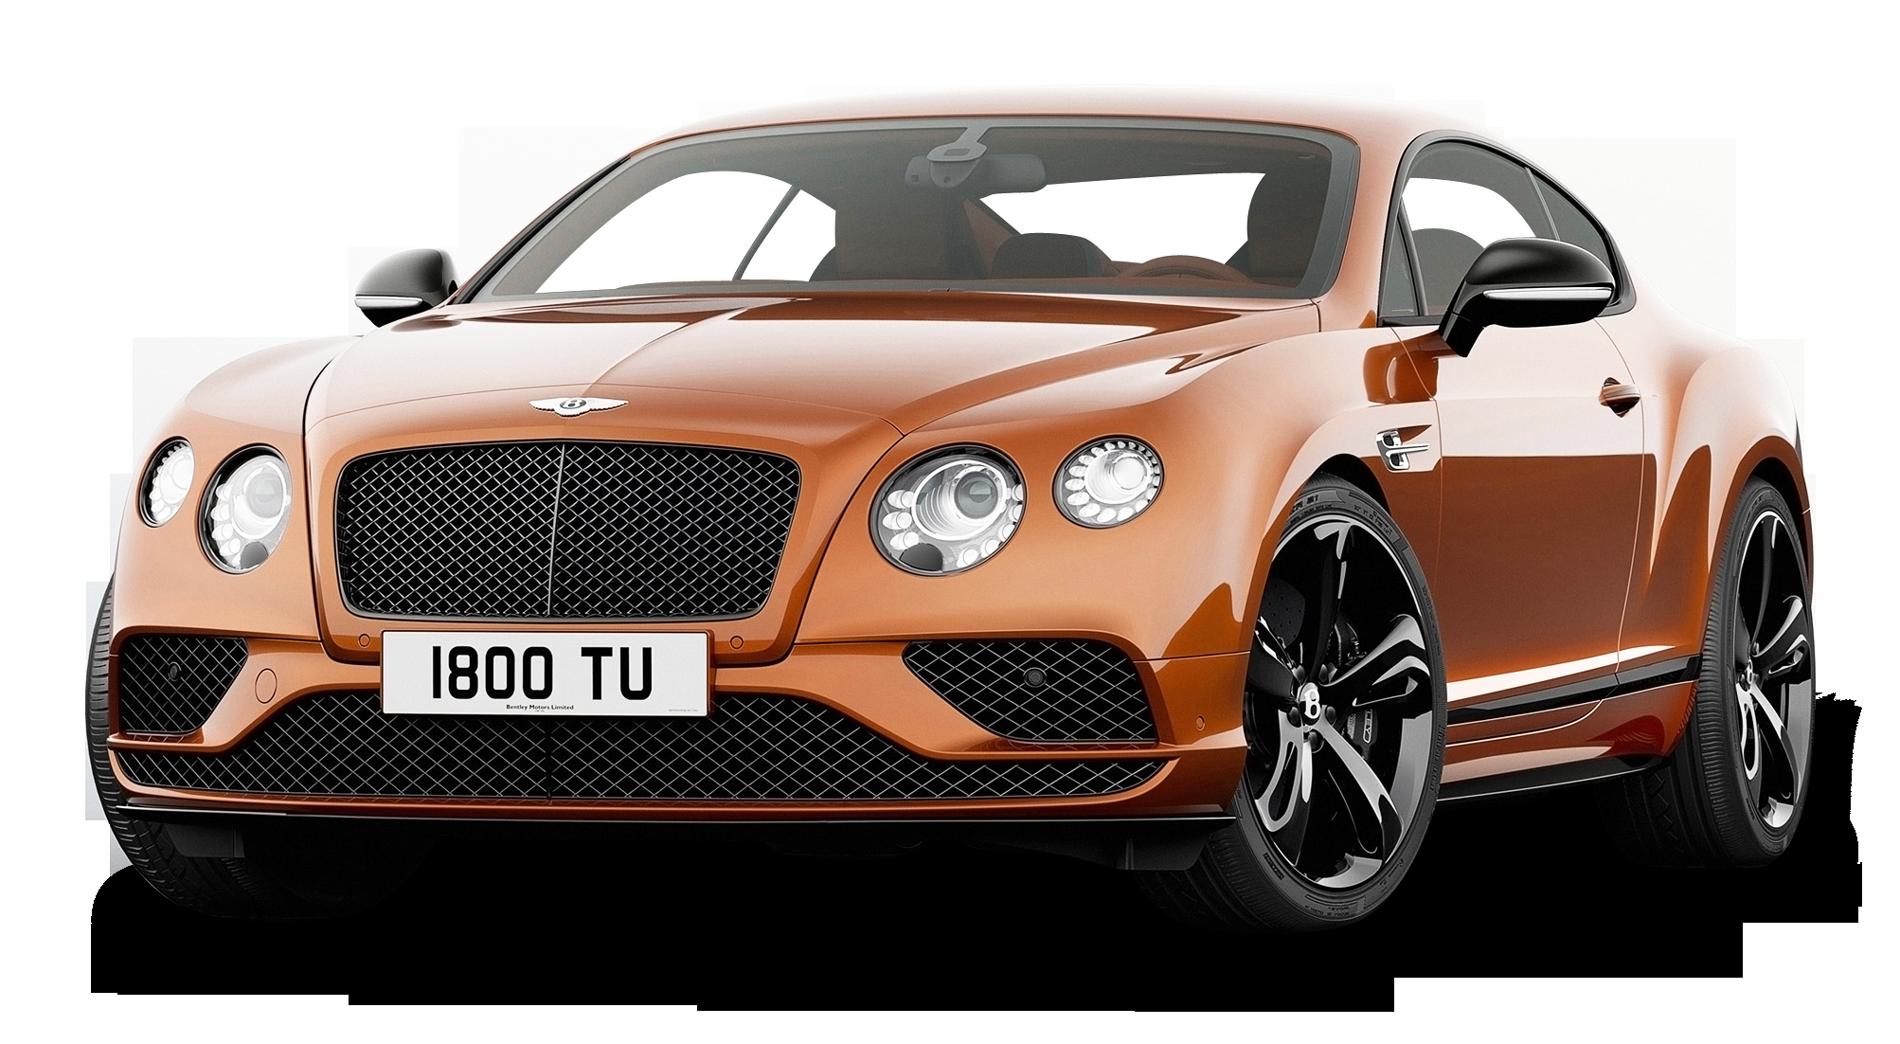 Filename: PNGPIX-COM-Orange-Bentley-Continental-GT-Speed-Car-PNG-Image.png - Bentley PNG